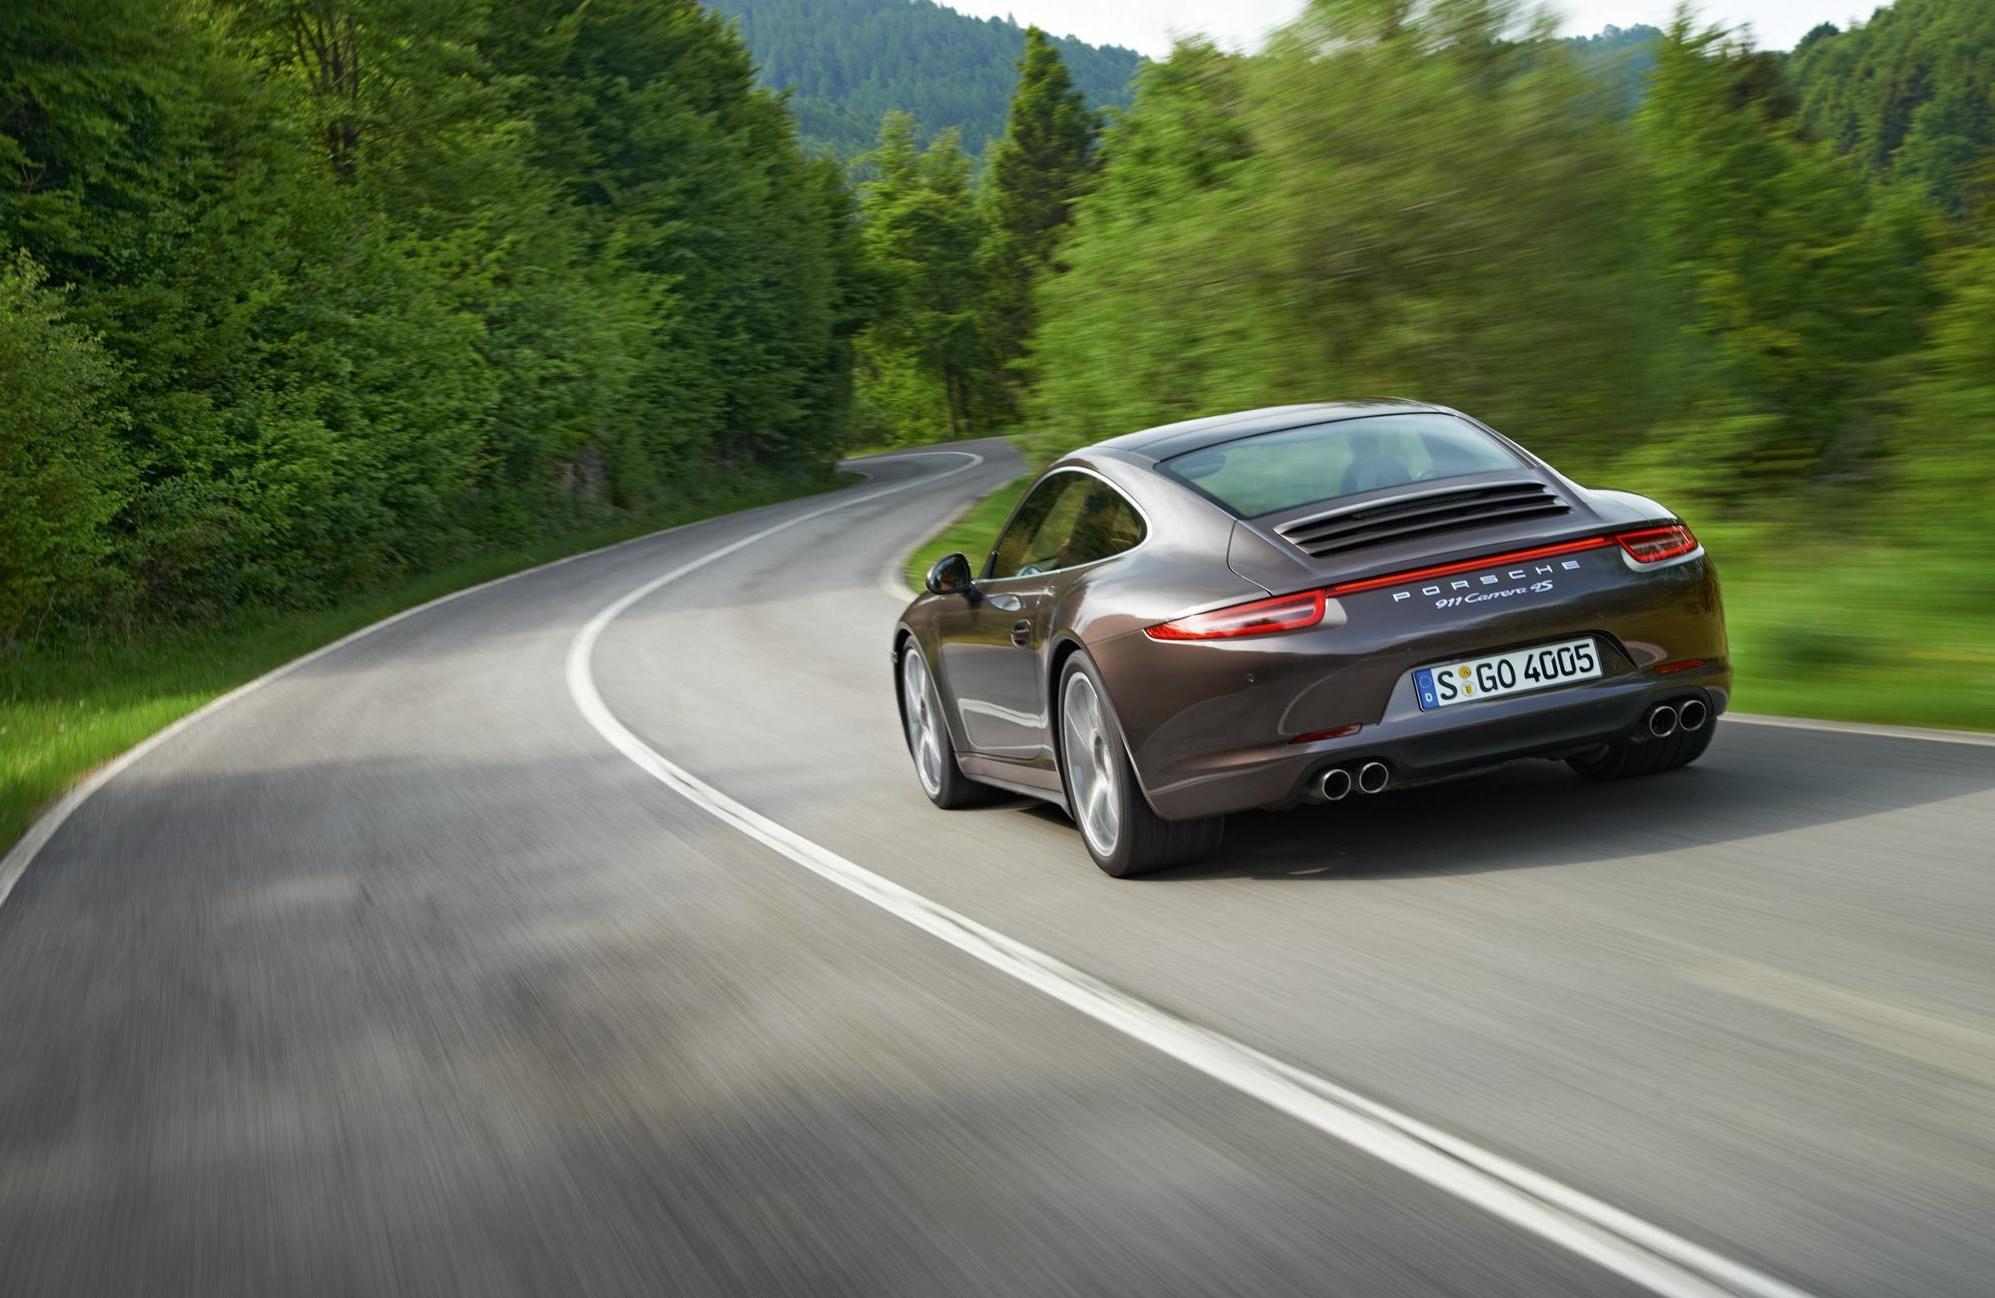 New Porsche 911 Carrera 4, Carrera 4S AWD Models Introduced ...